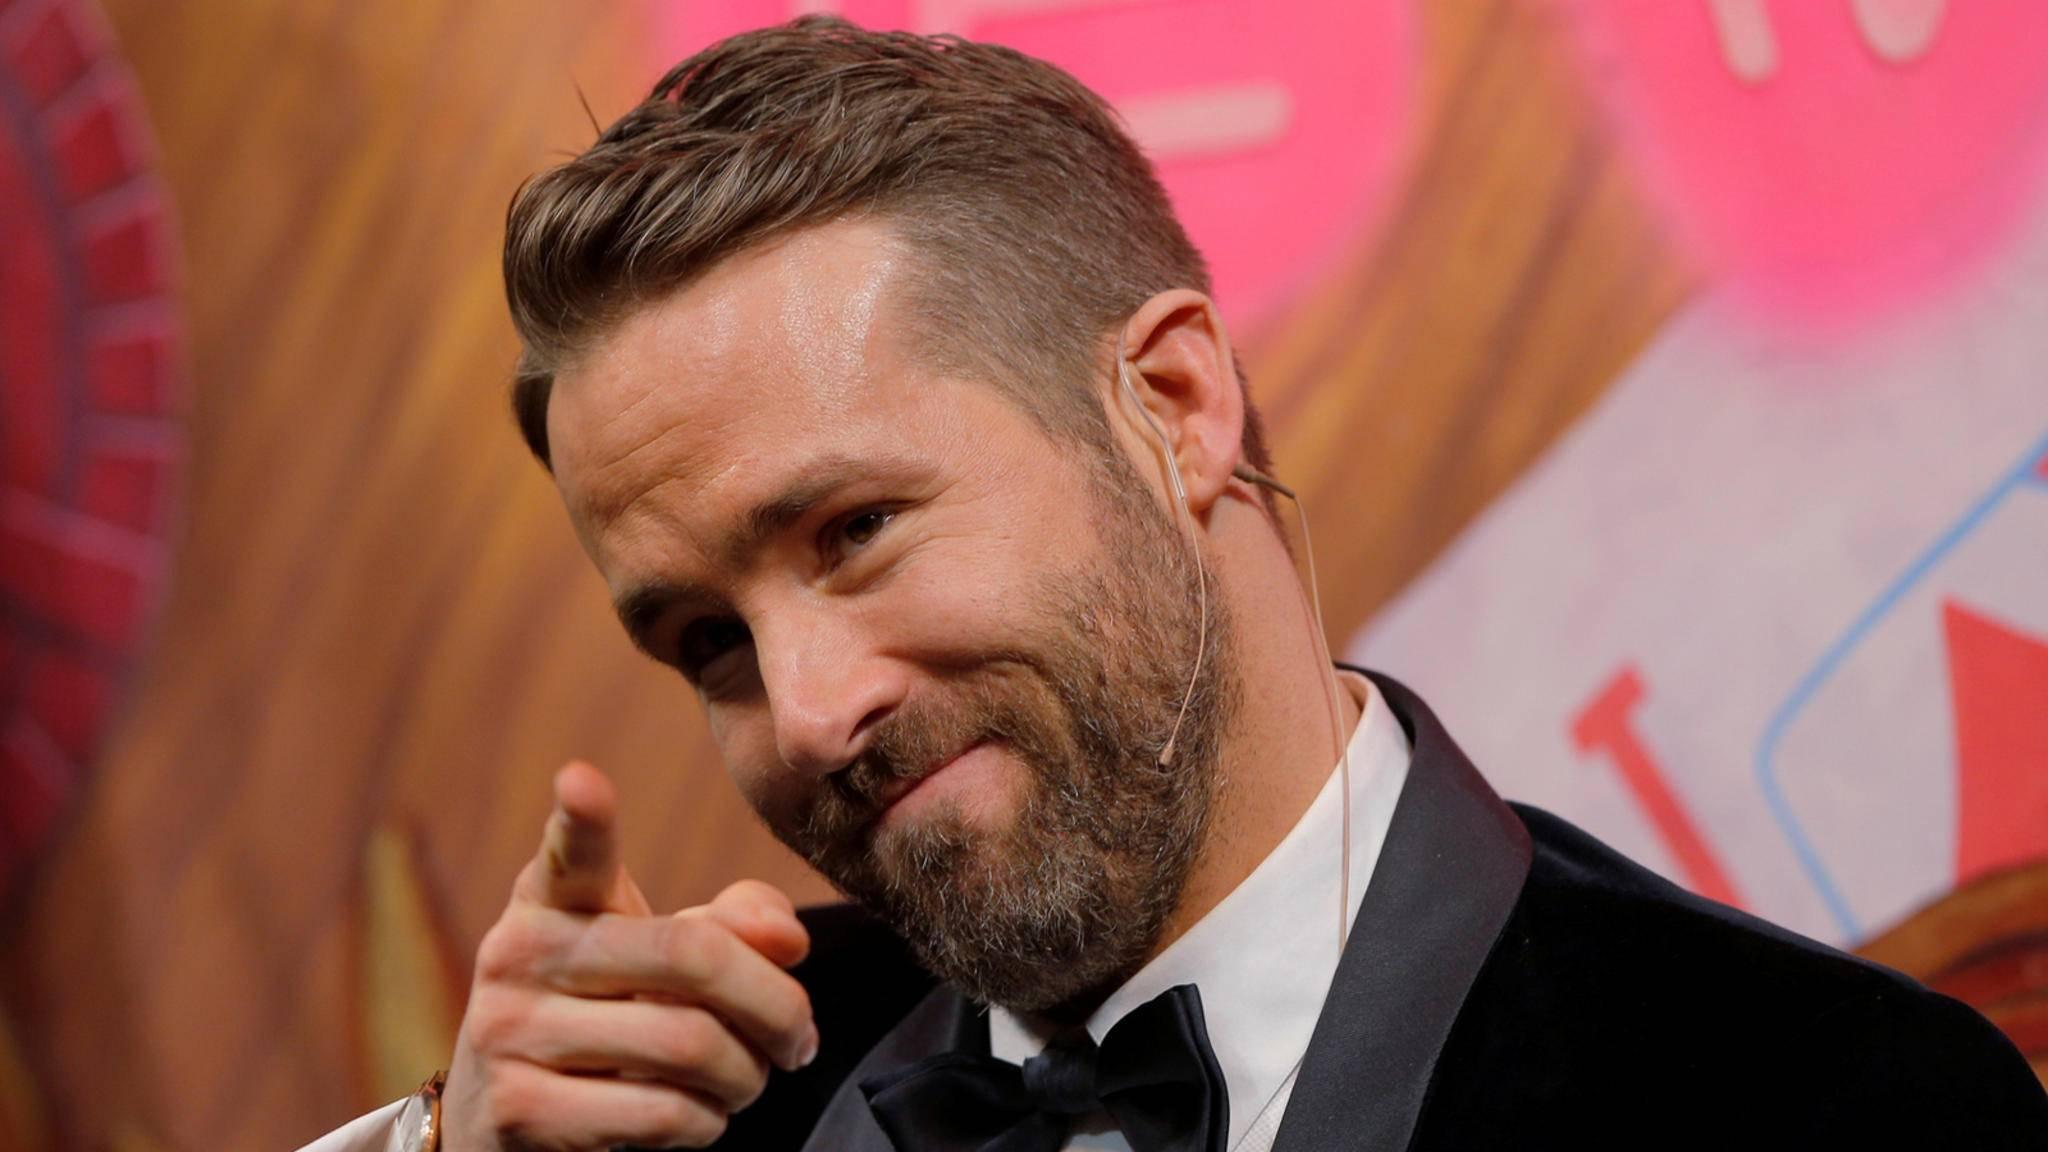 Glückwunsch! Ryan Reynolds hat vielleicht einen neuen Deal an Land gezogen.